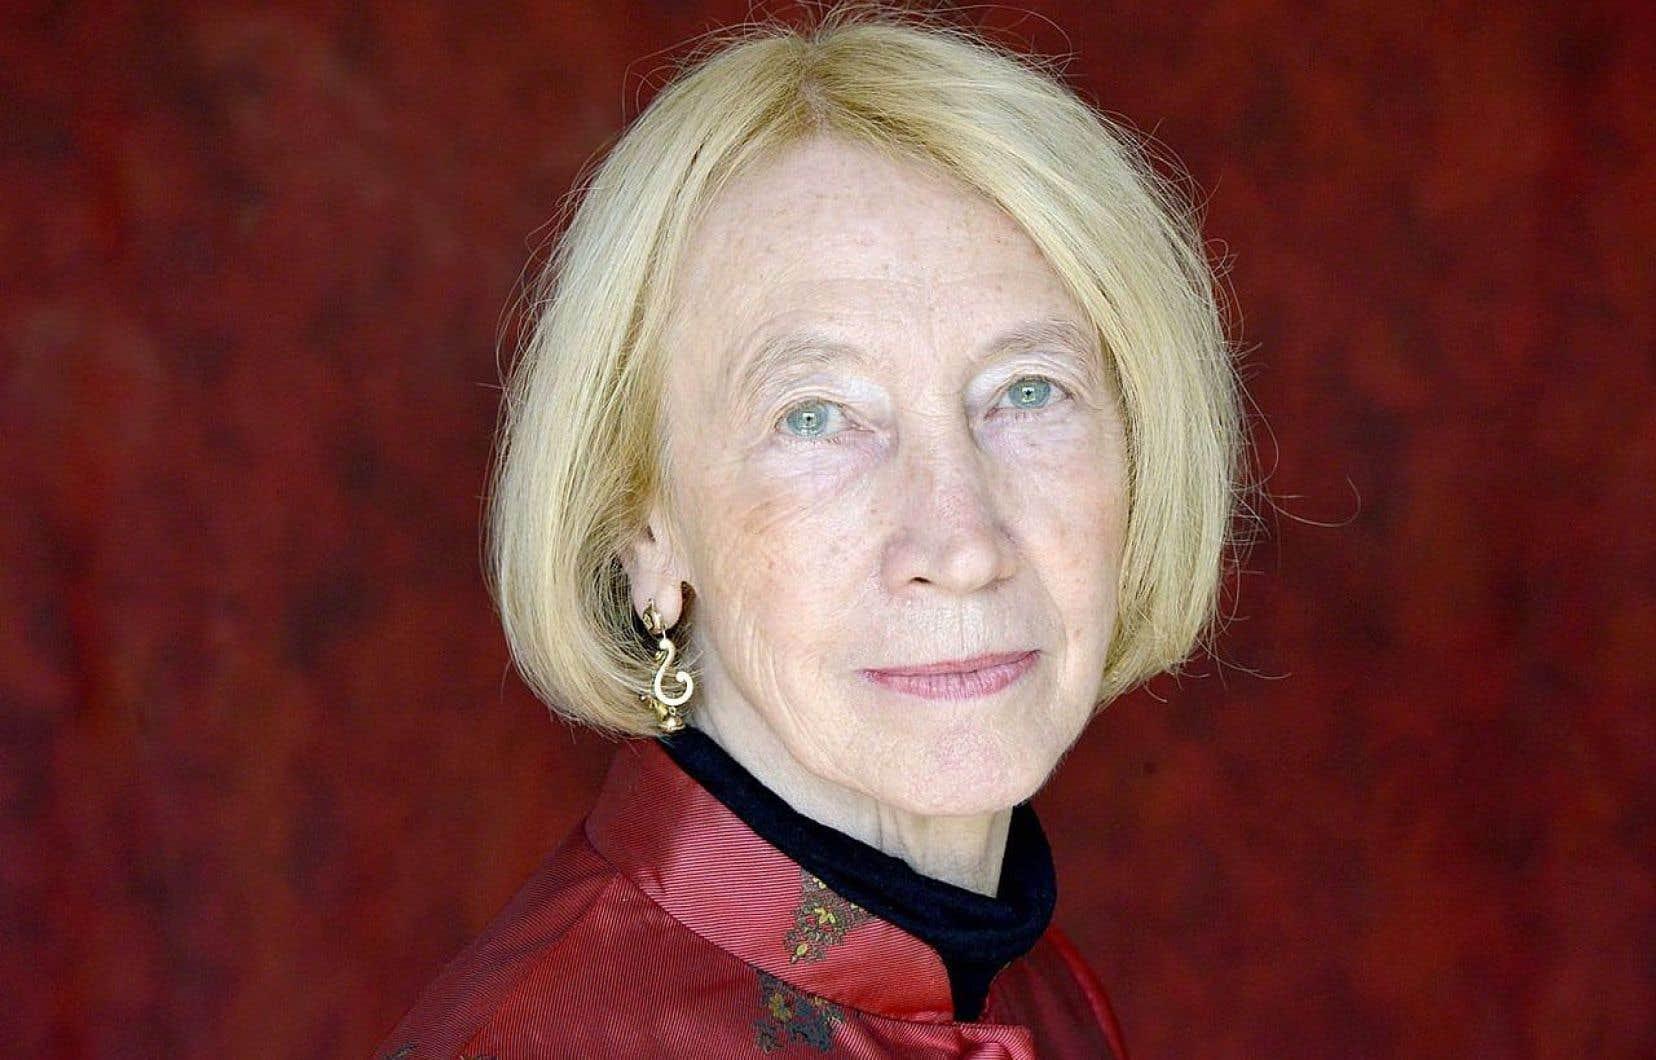 Le dernier roman de Chantal Thomas rattache passé et présent dans une écriture pareille à une onde, régulière et chantante.